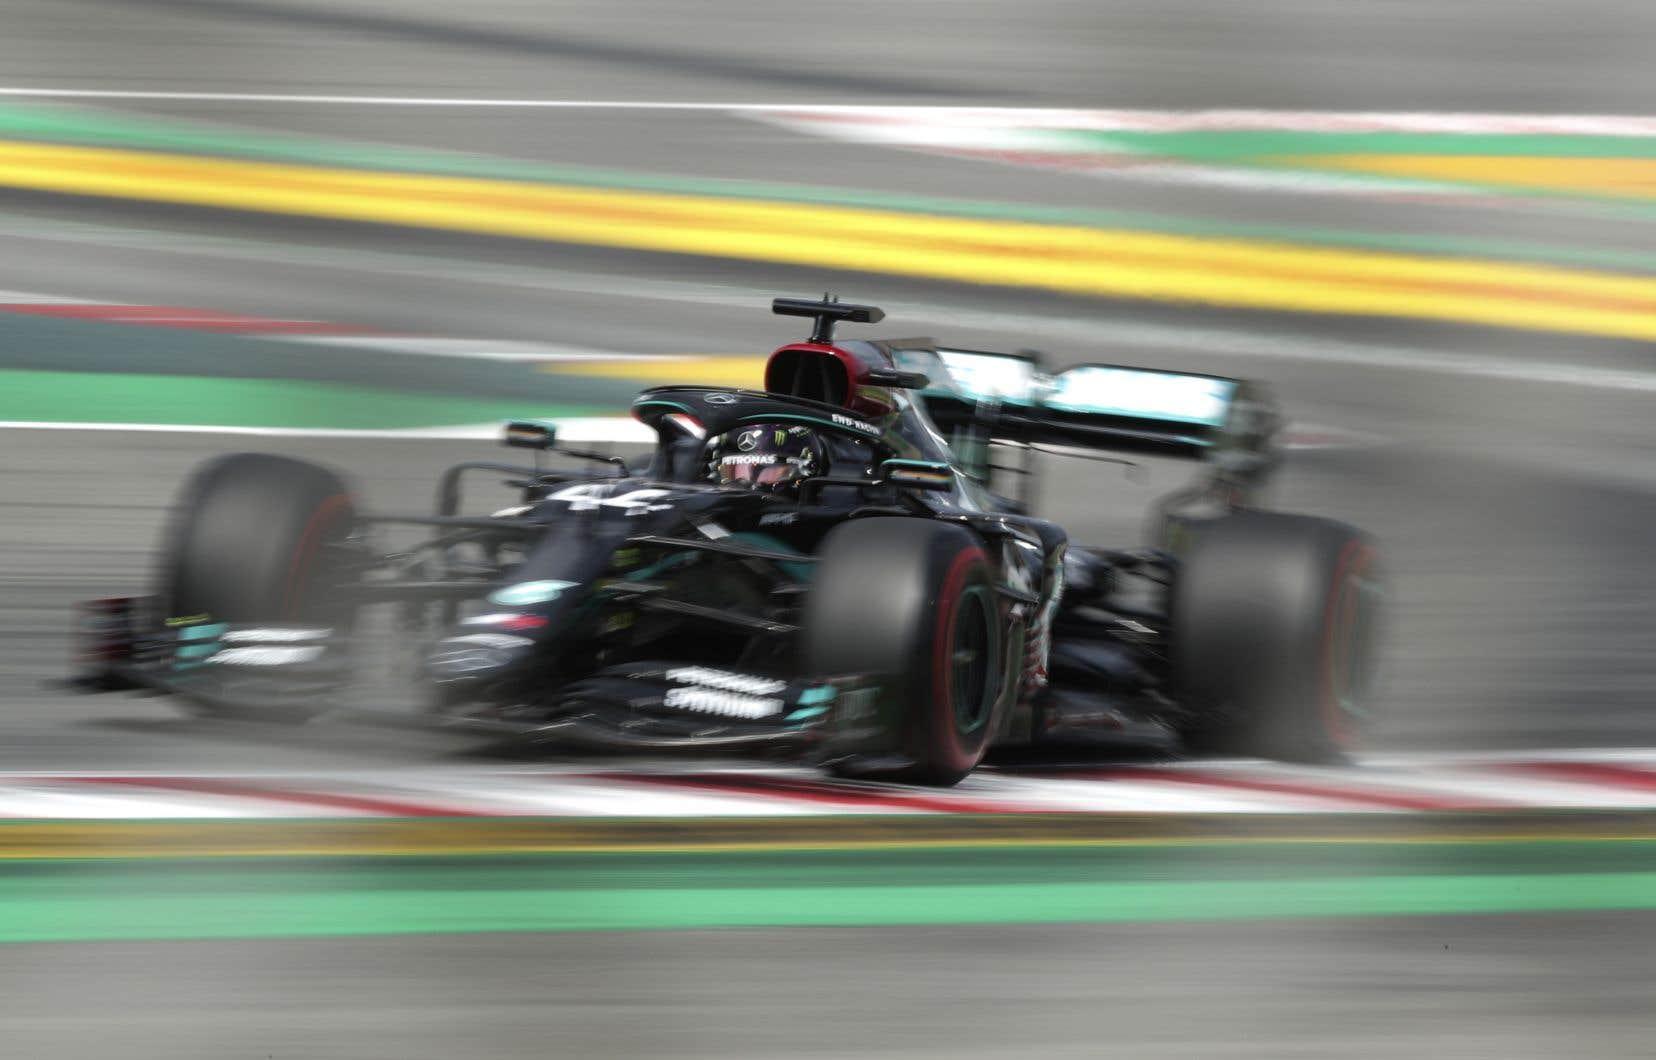 «Je crois que ce sera une course très difficile», a confié Lewis Hamilton, précisant qu'avec la température élevée en Espagne, la piste devient «une véritable patinoire».